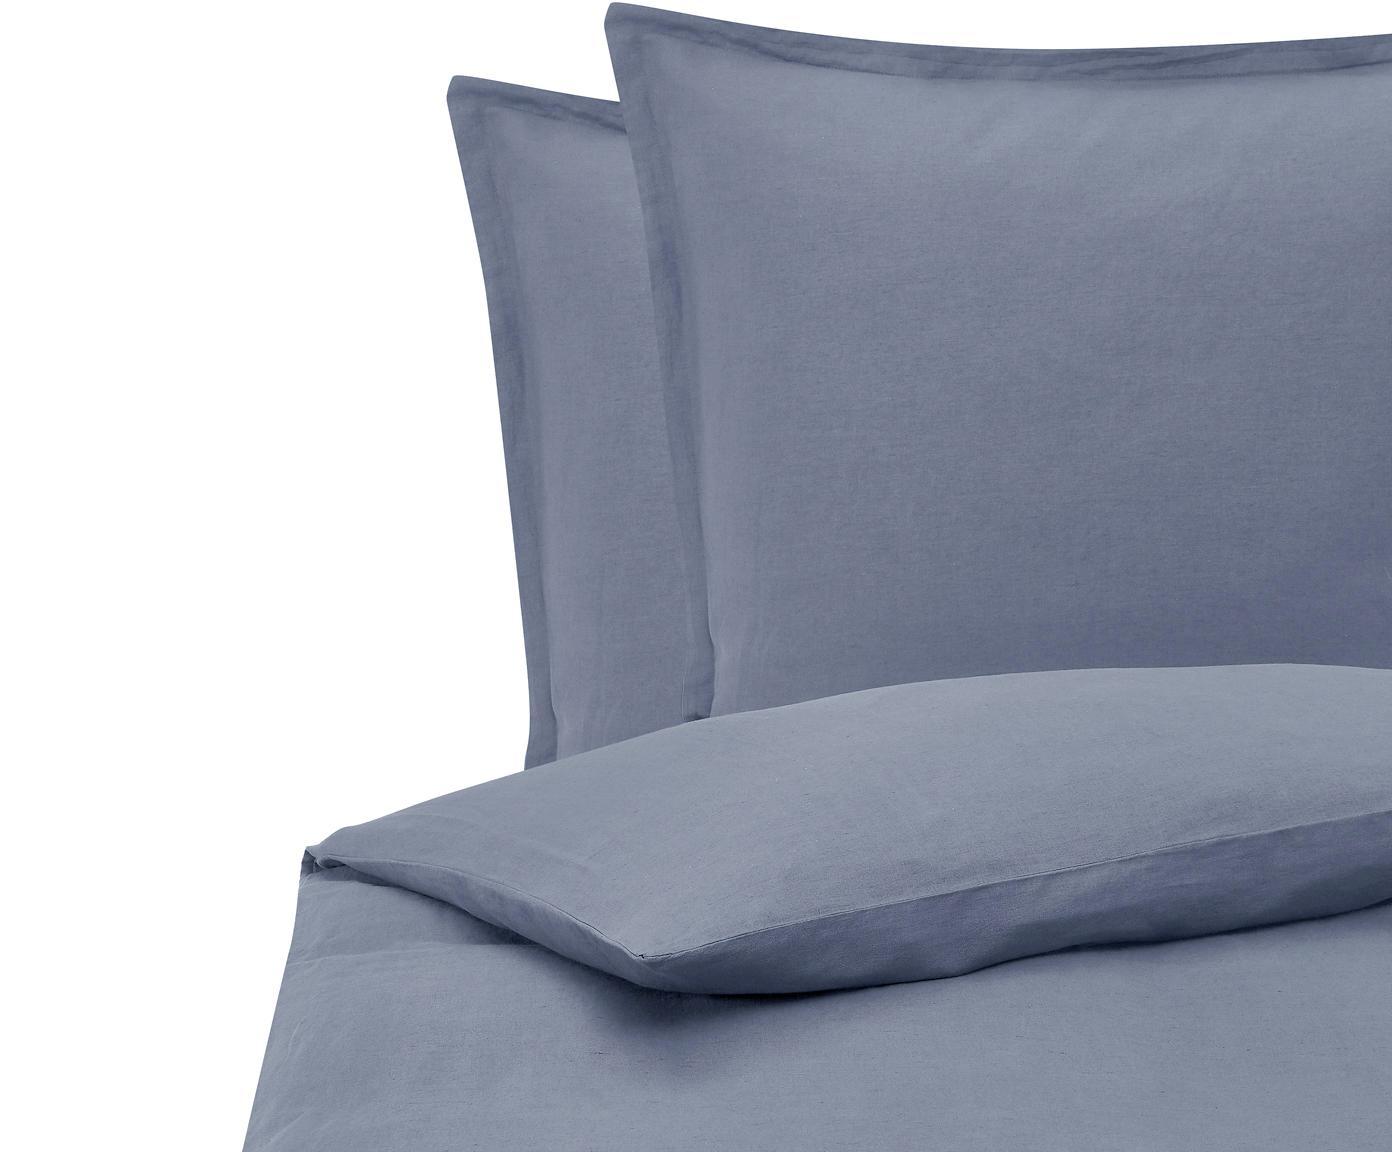 Gewaschene Leinen-Bettwäsche Nature in Blau, Halbleinen (52% Leinen, 48% Baumwolle)  Fadendichte 108 TC, Standard Qualität  Halbleinen hat von Natur aus einen kernigen Griff und einen natürlichen Knitterlook, der durch den Stonewash-Effekt verstärkt wird. Es absorbiert bis zu 35% Luftfeuchtigkeit, trocknet sehr schnell und wirkt in Sommernächten angenehm kühlend. Die hohe Reißfestigkeit macht Halbleinen scheuerfest und strapazierfähig., Blau, 200 x 200 cm + 2 Kissen 80 x 80 cm